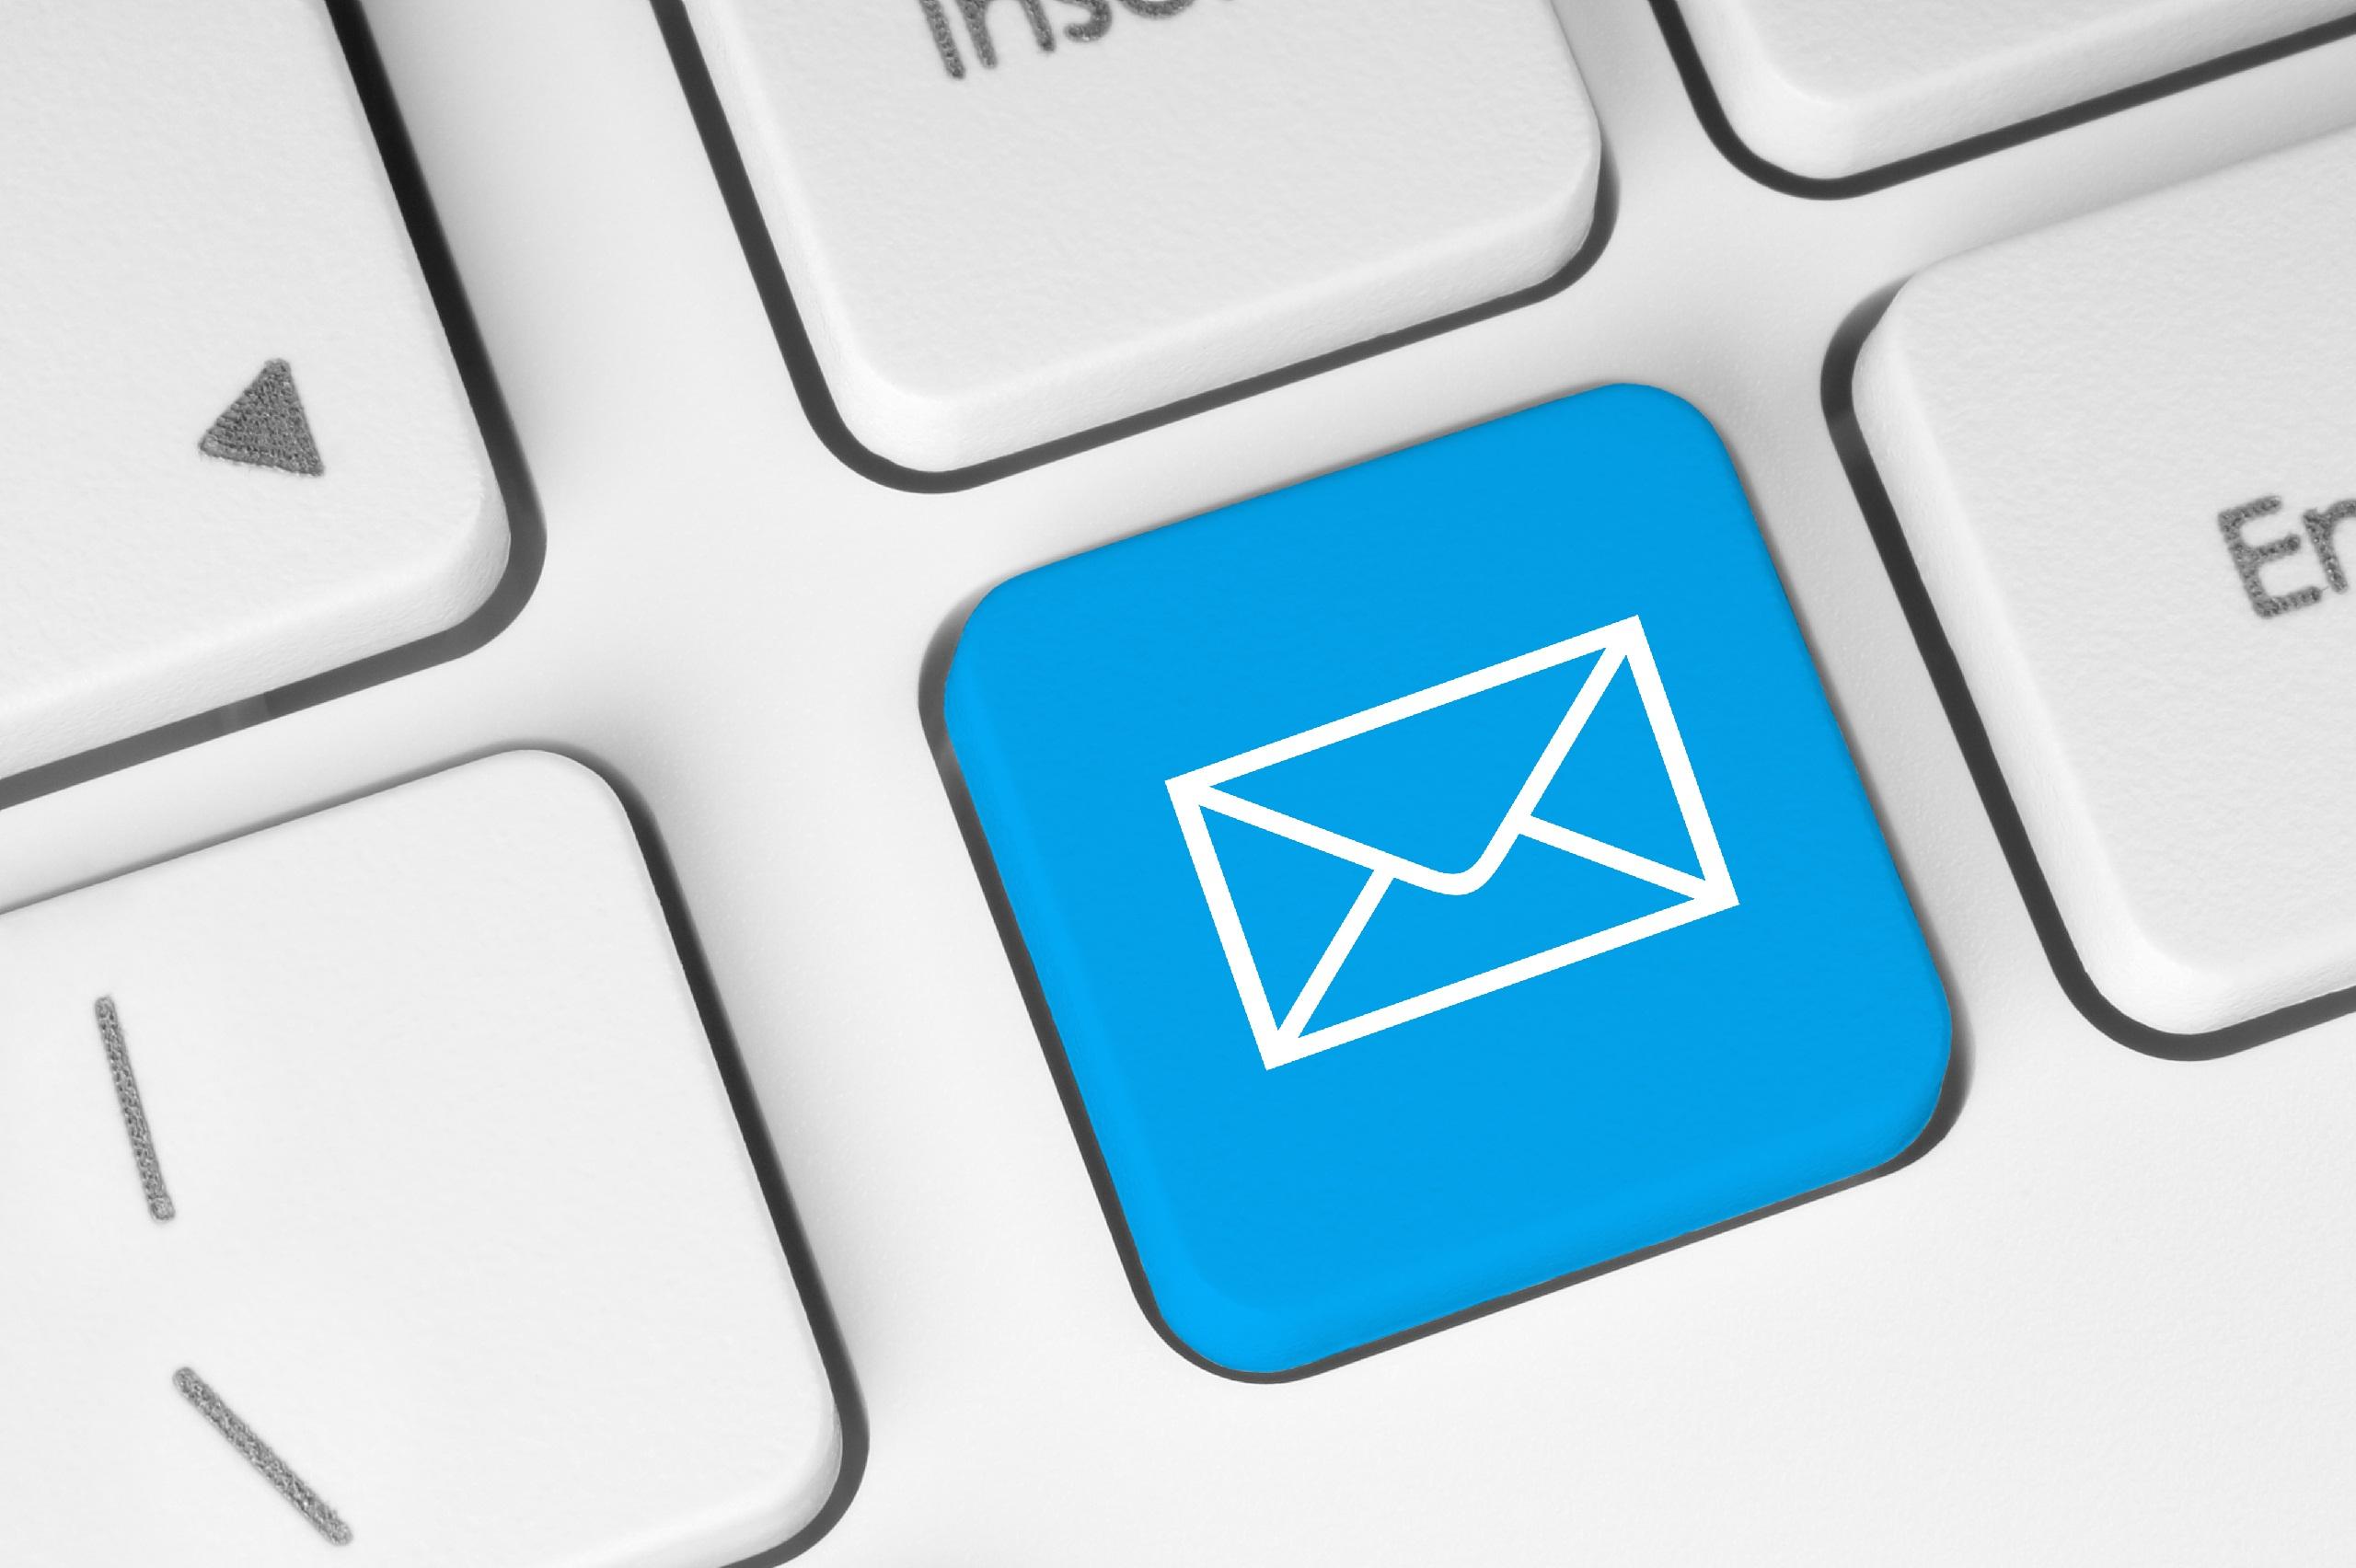 Các từ viết tắt có sẵn trong các trình duyệt email thường được dùng